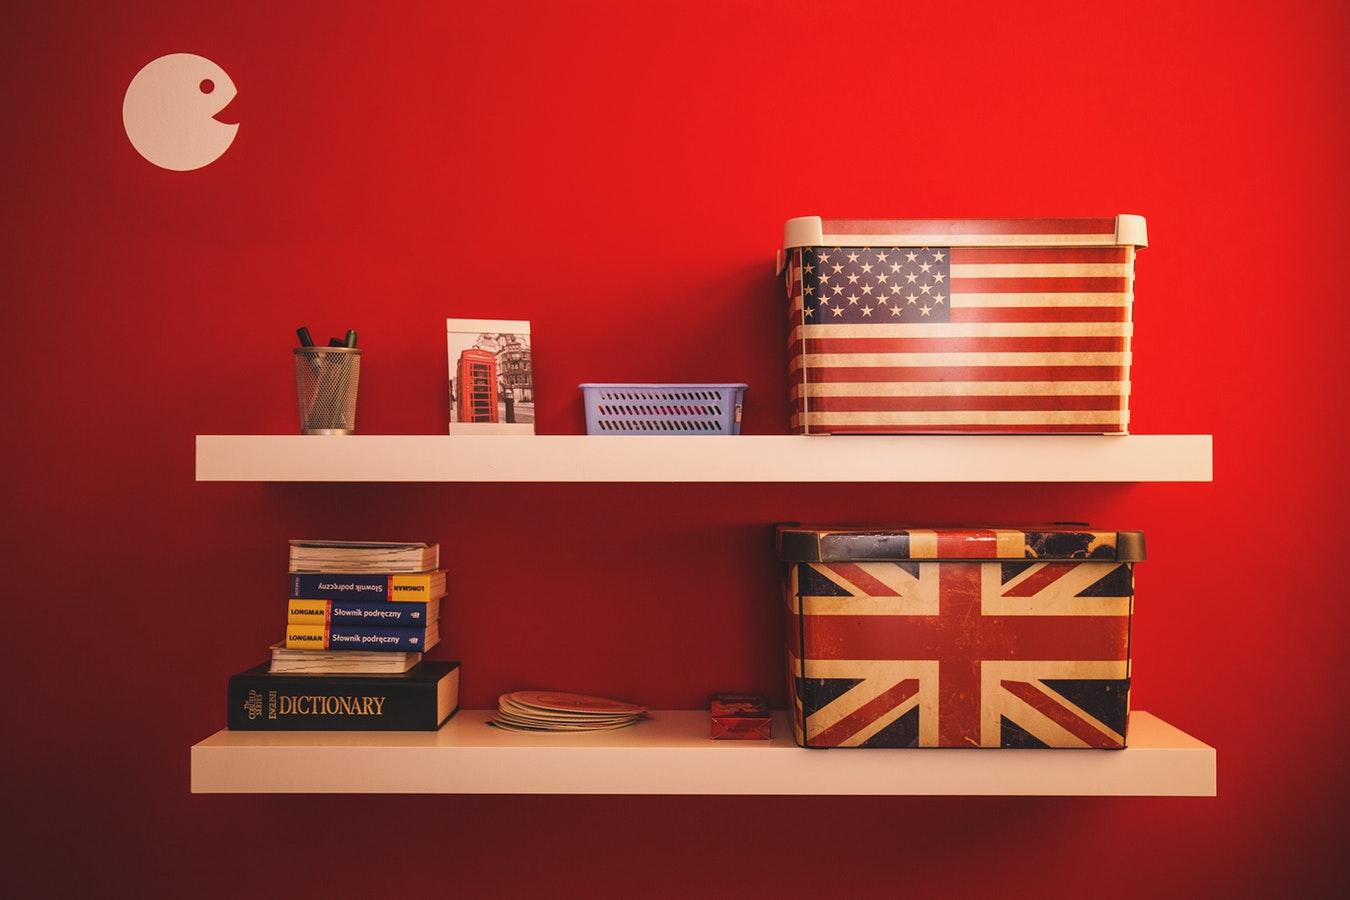 Presentaciones y comunicación en inglés